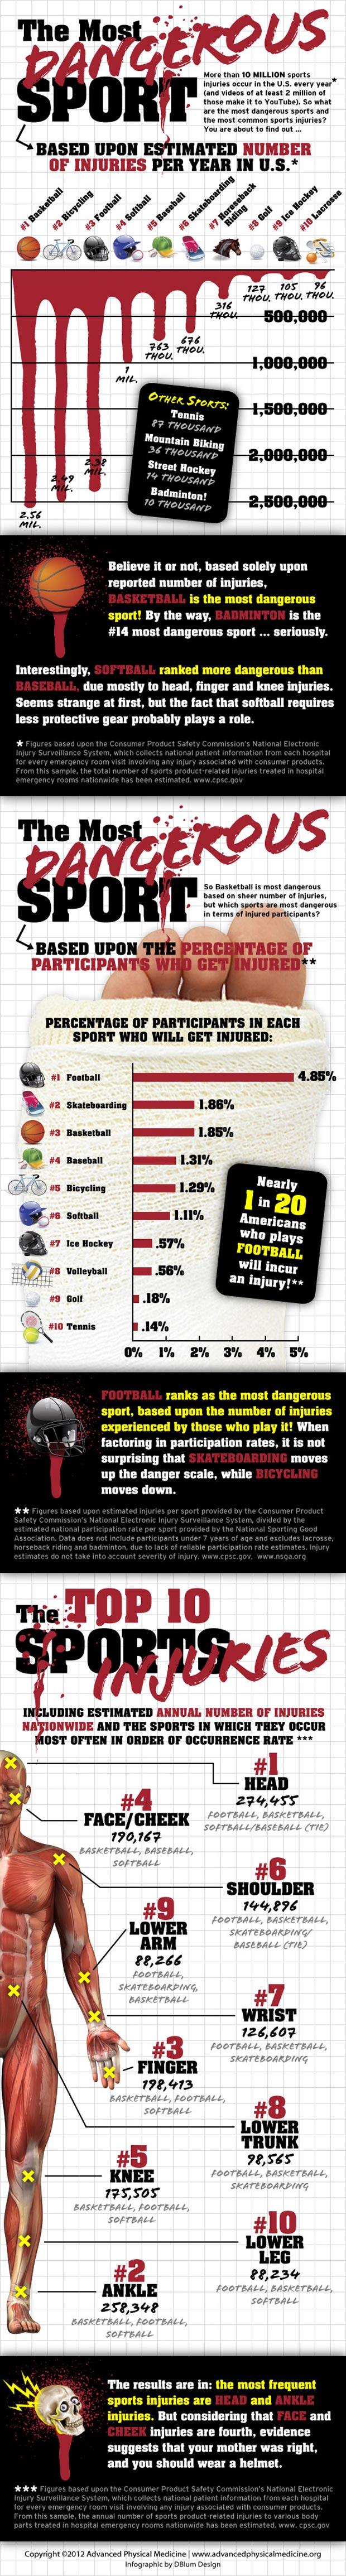 cele mai periculoase sporturi